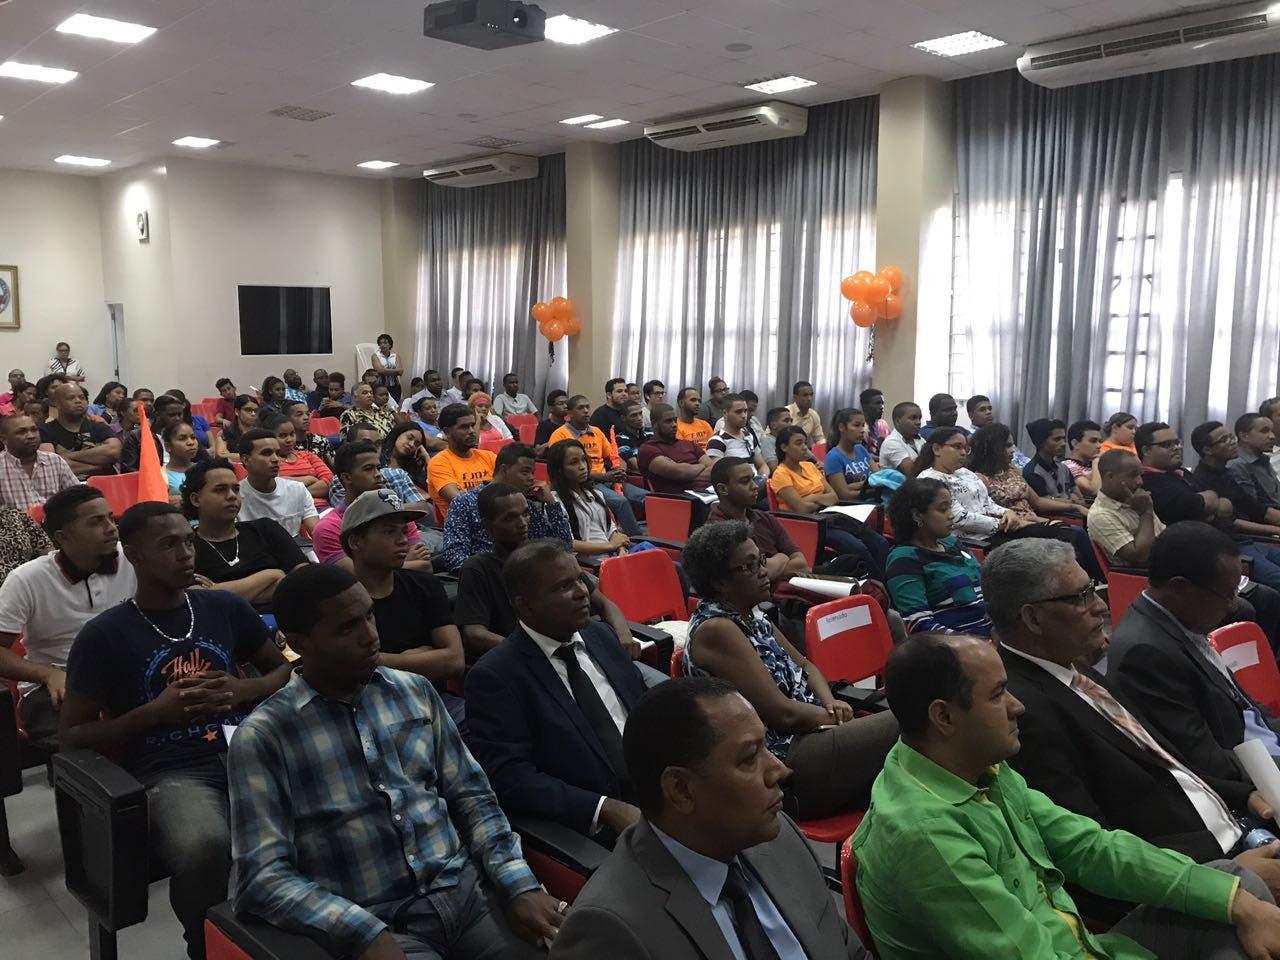 FJD: corrupción e impunidad nos roban la educación y el derecho a una vida digna